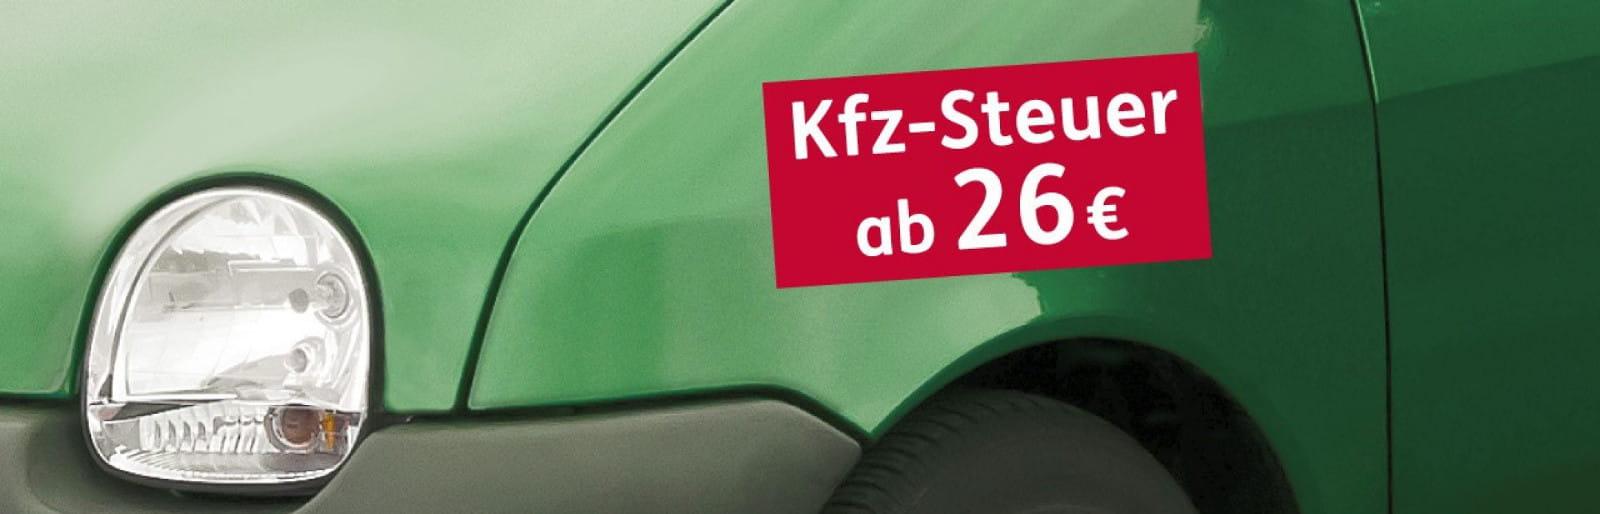 Kfz Steuer Renault Twingo Als Benziner Oder Diesel Ergo